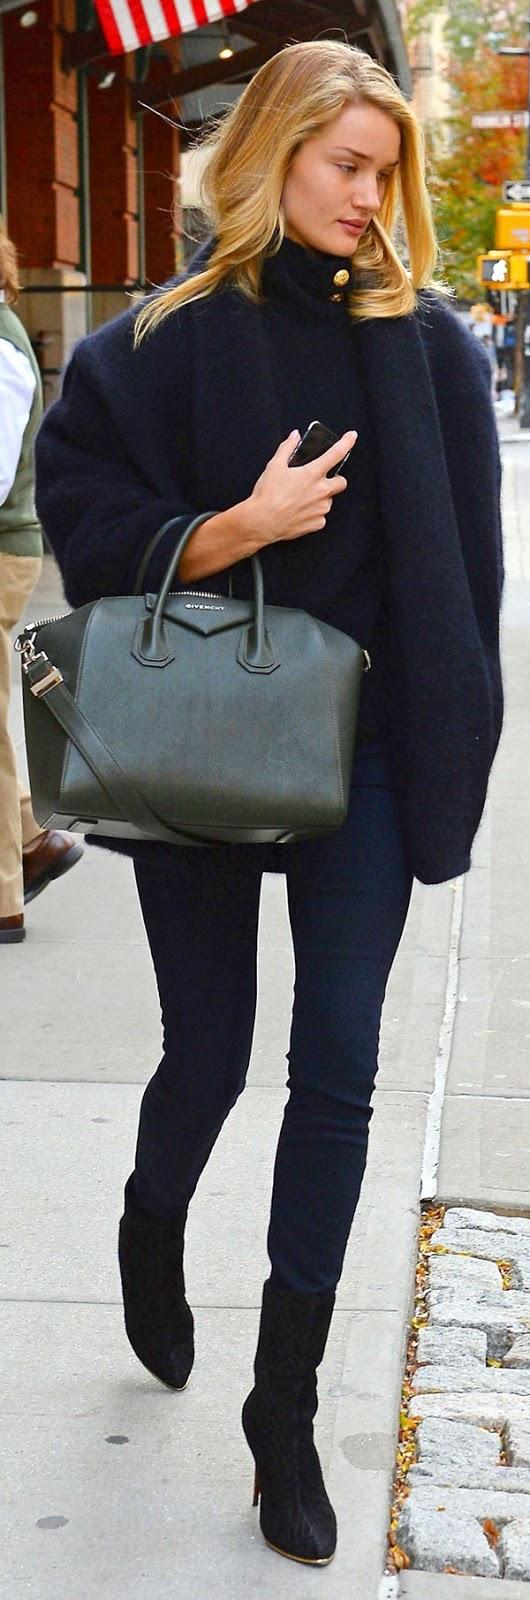 skinny jeans + coat